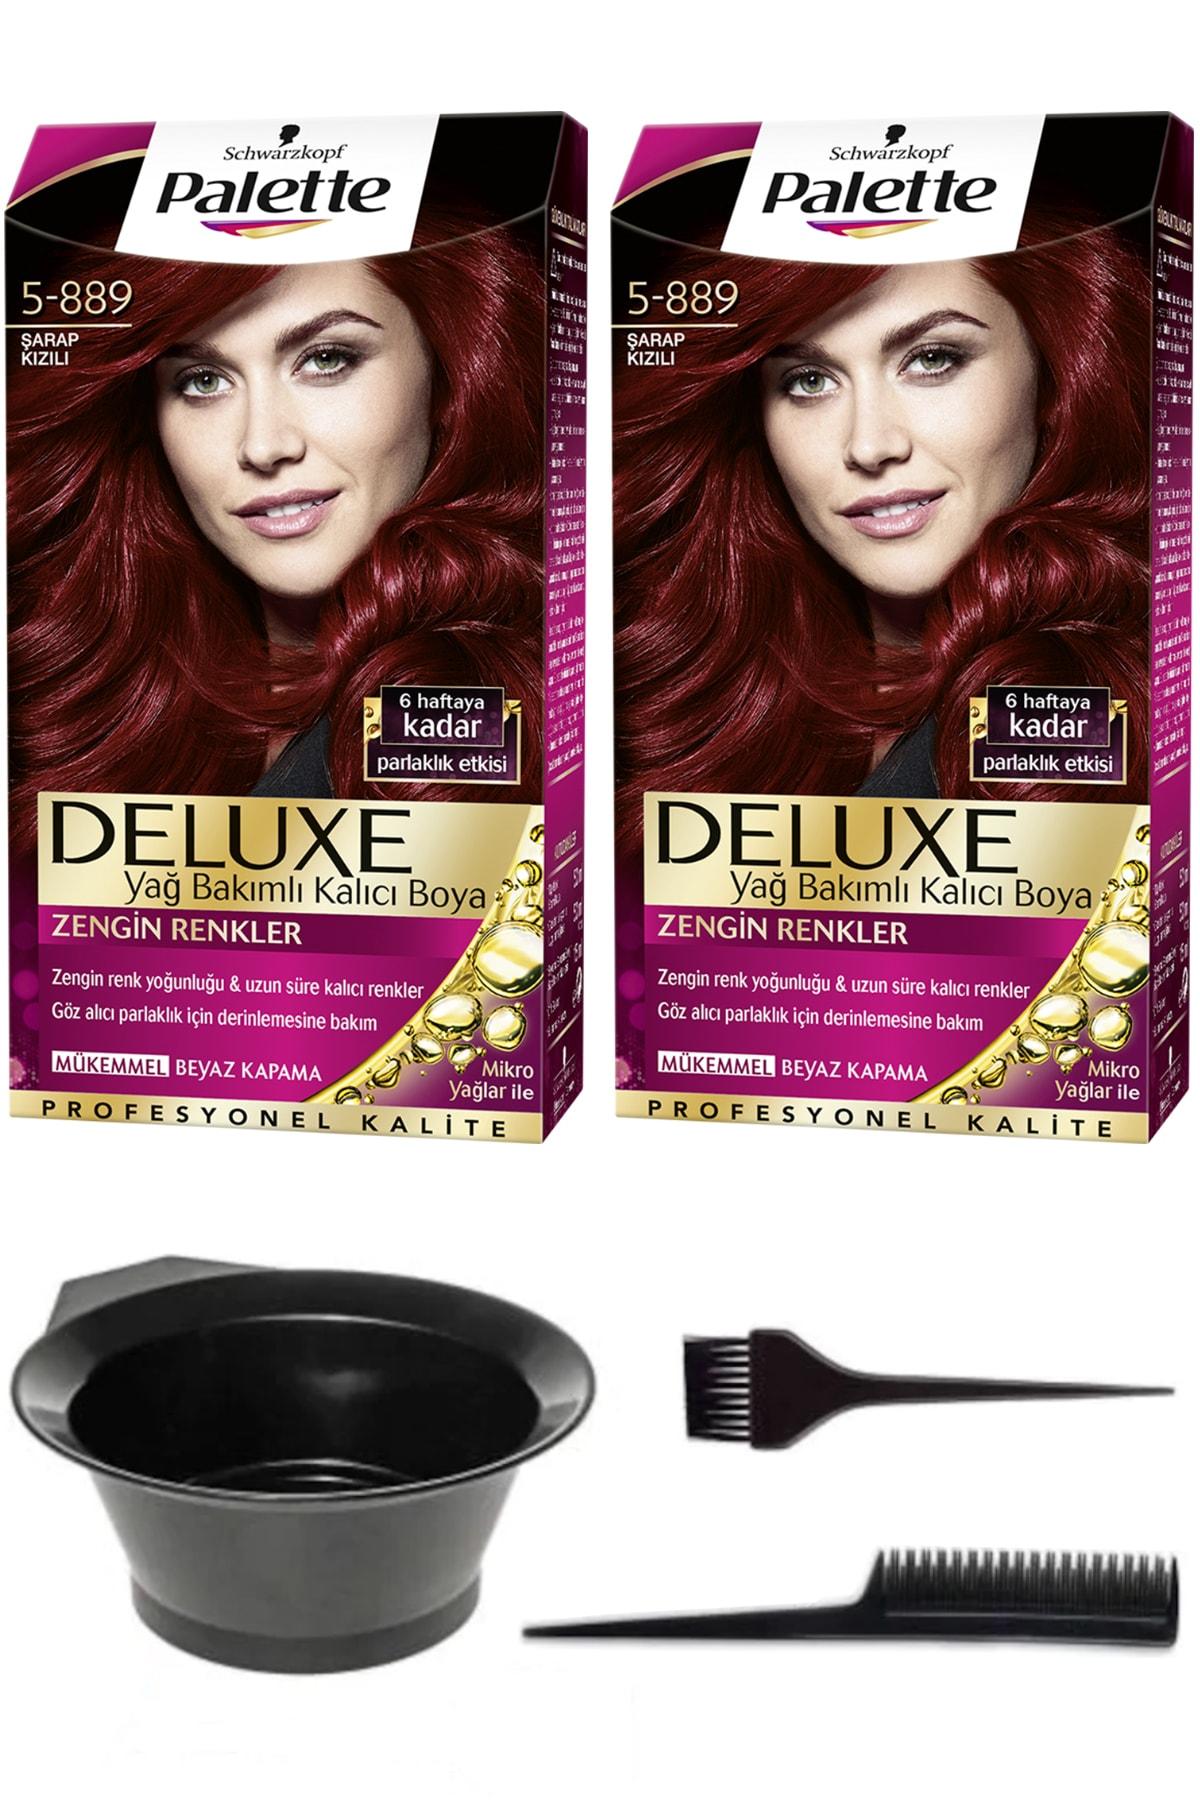 SCHWARZKOPF HAIR MASCARA 2'li Palette Deluxe 5-889 Şarap Kızılı Saç Boyası Ve Saç Boyama Seti 8671255491612 1